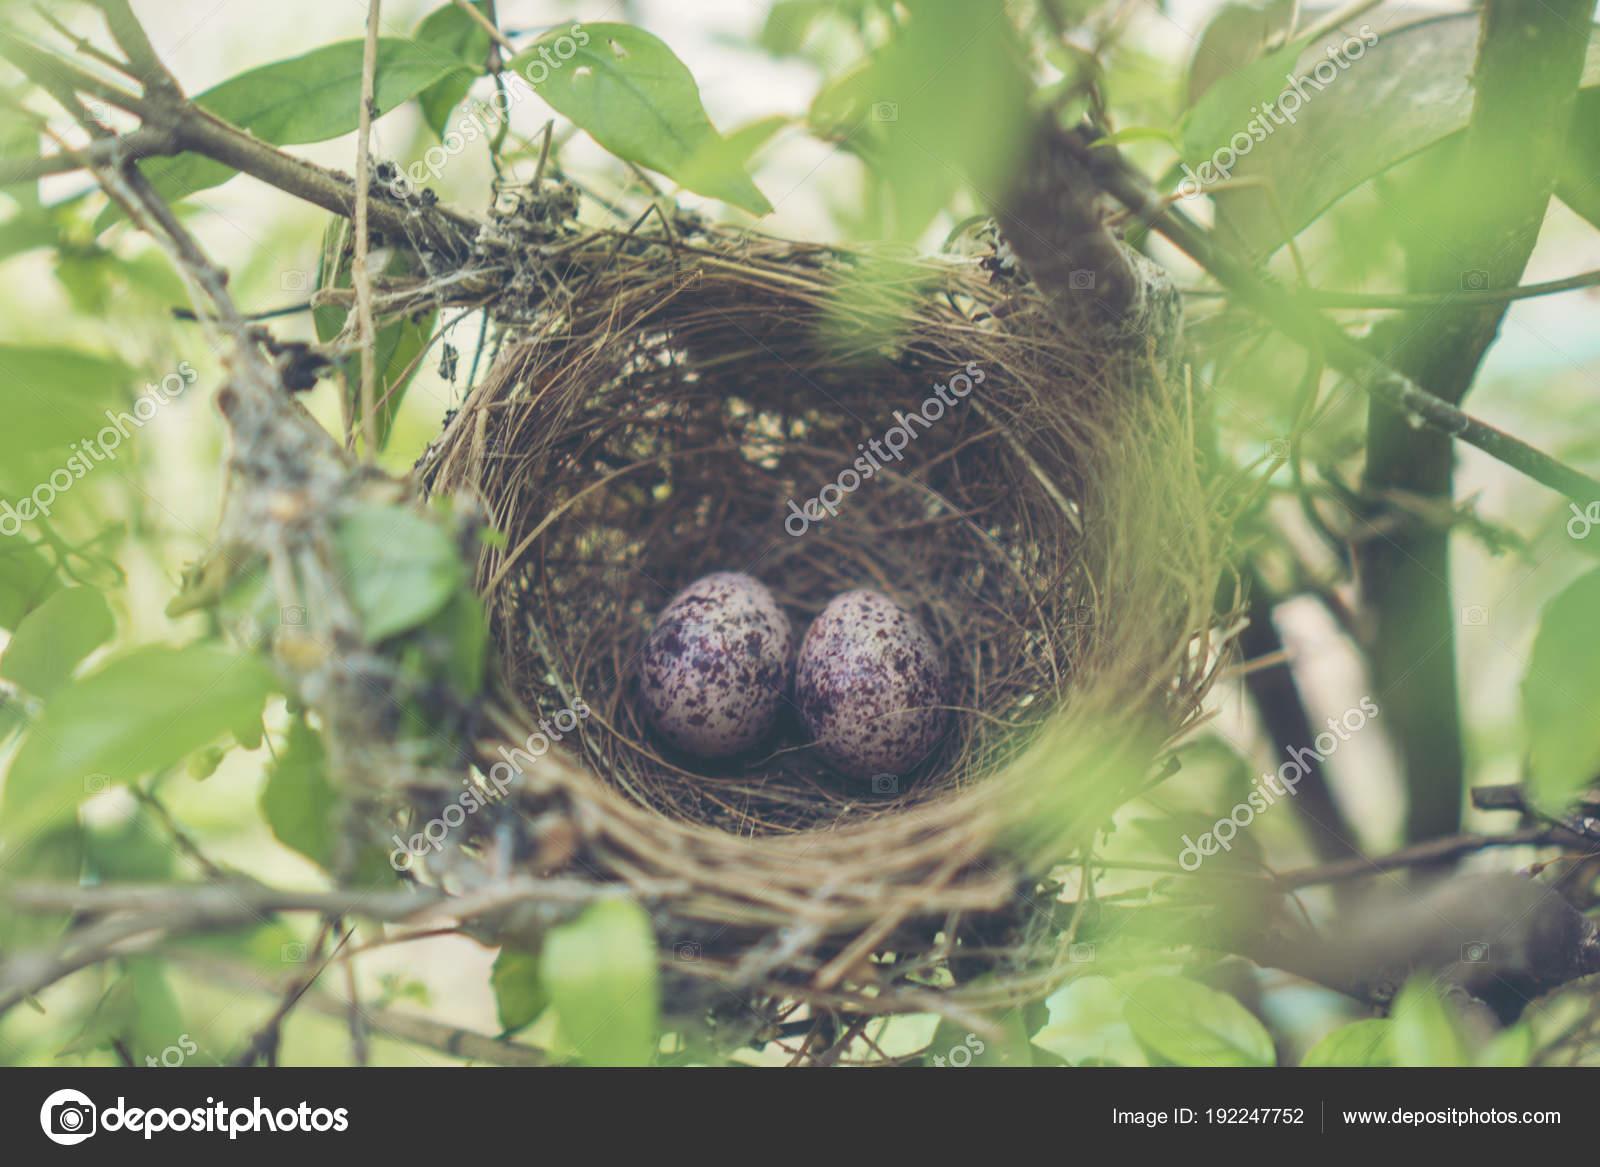 μεγάλο πουλί ομαδικά φωτογραφίες poran σεξ video.com